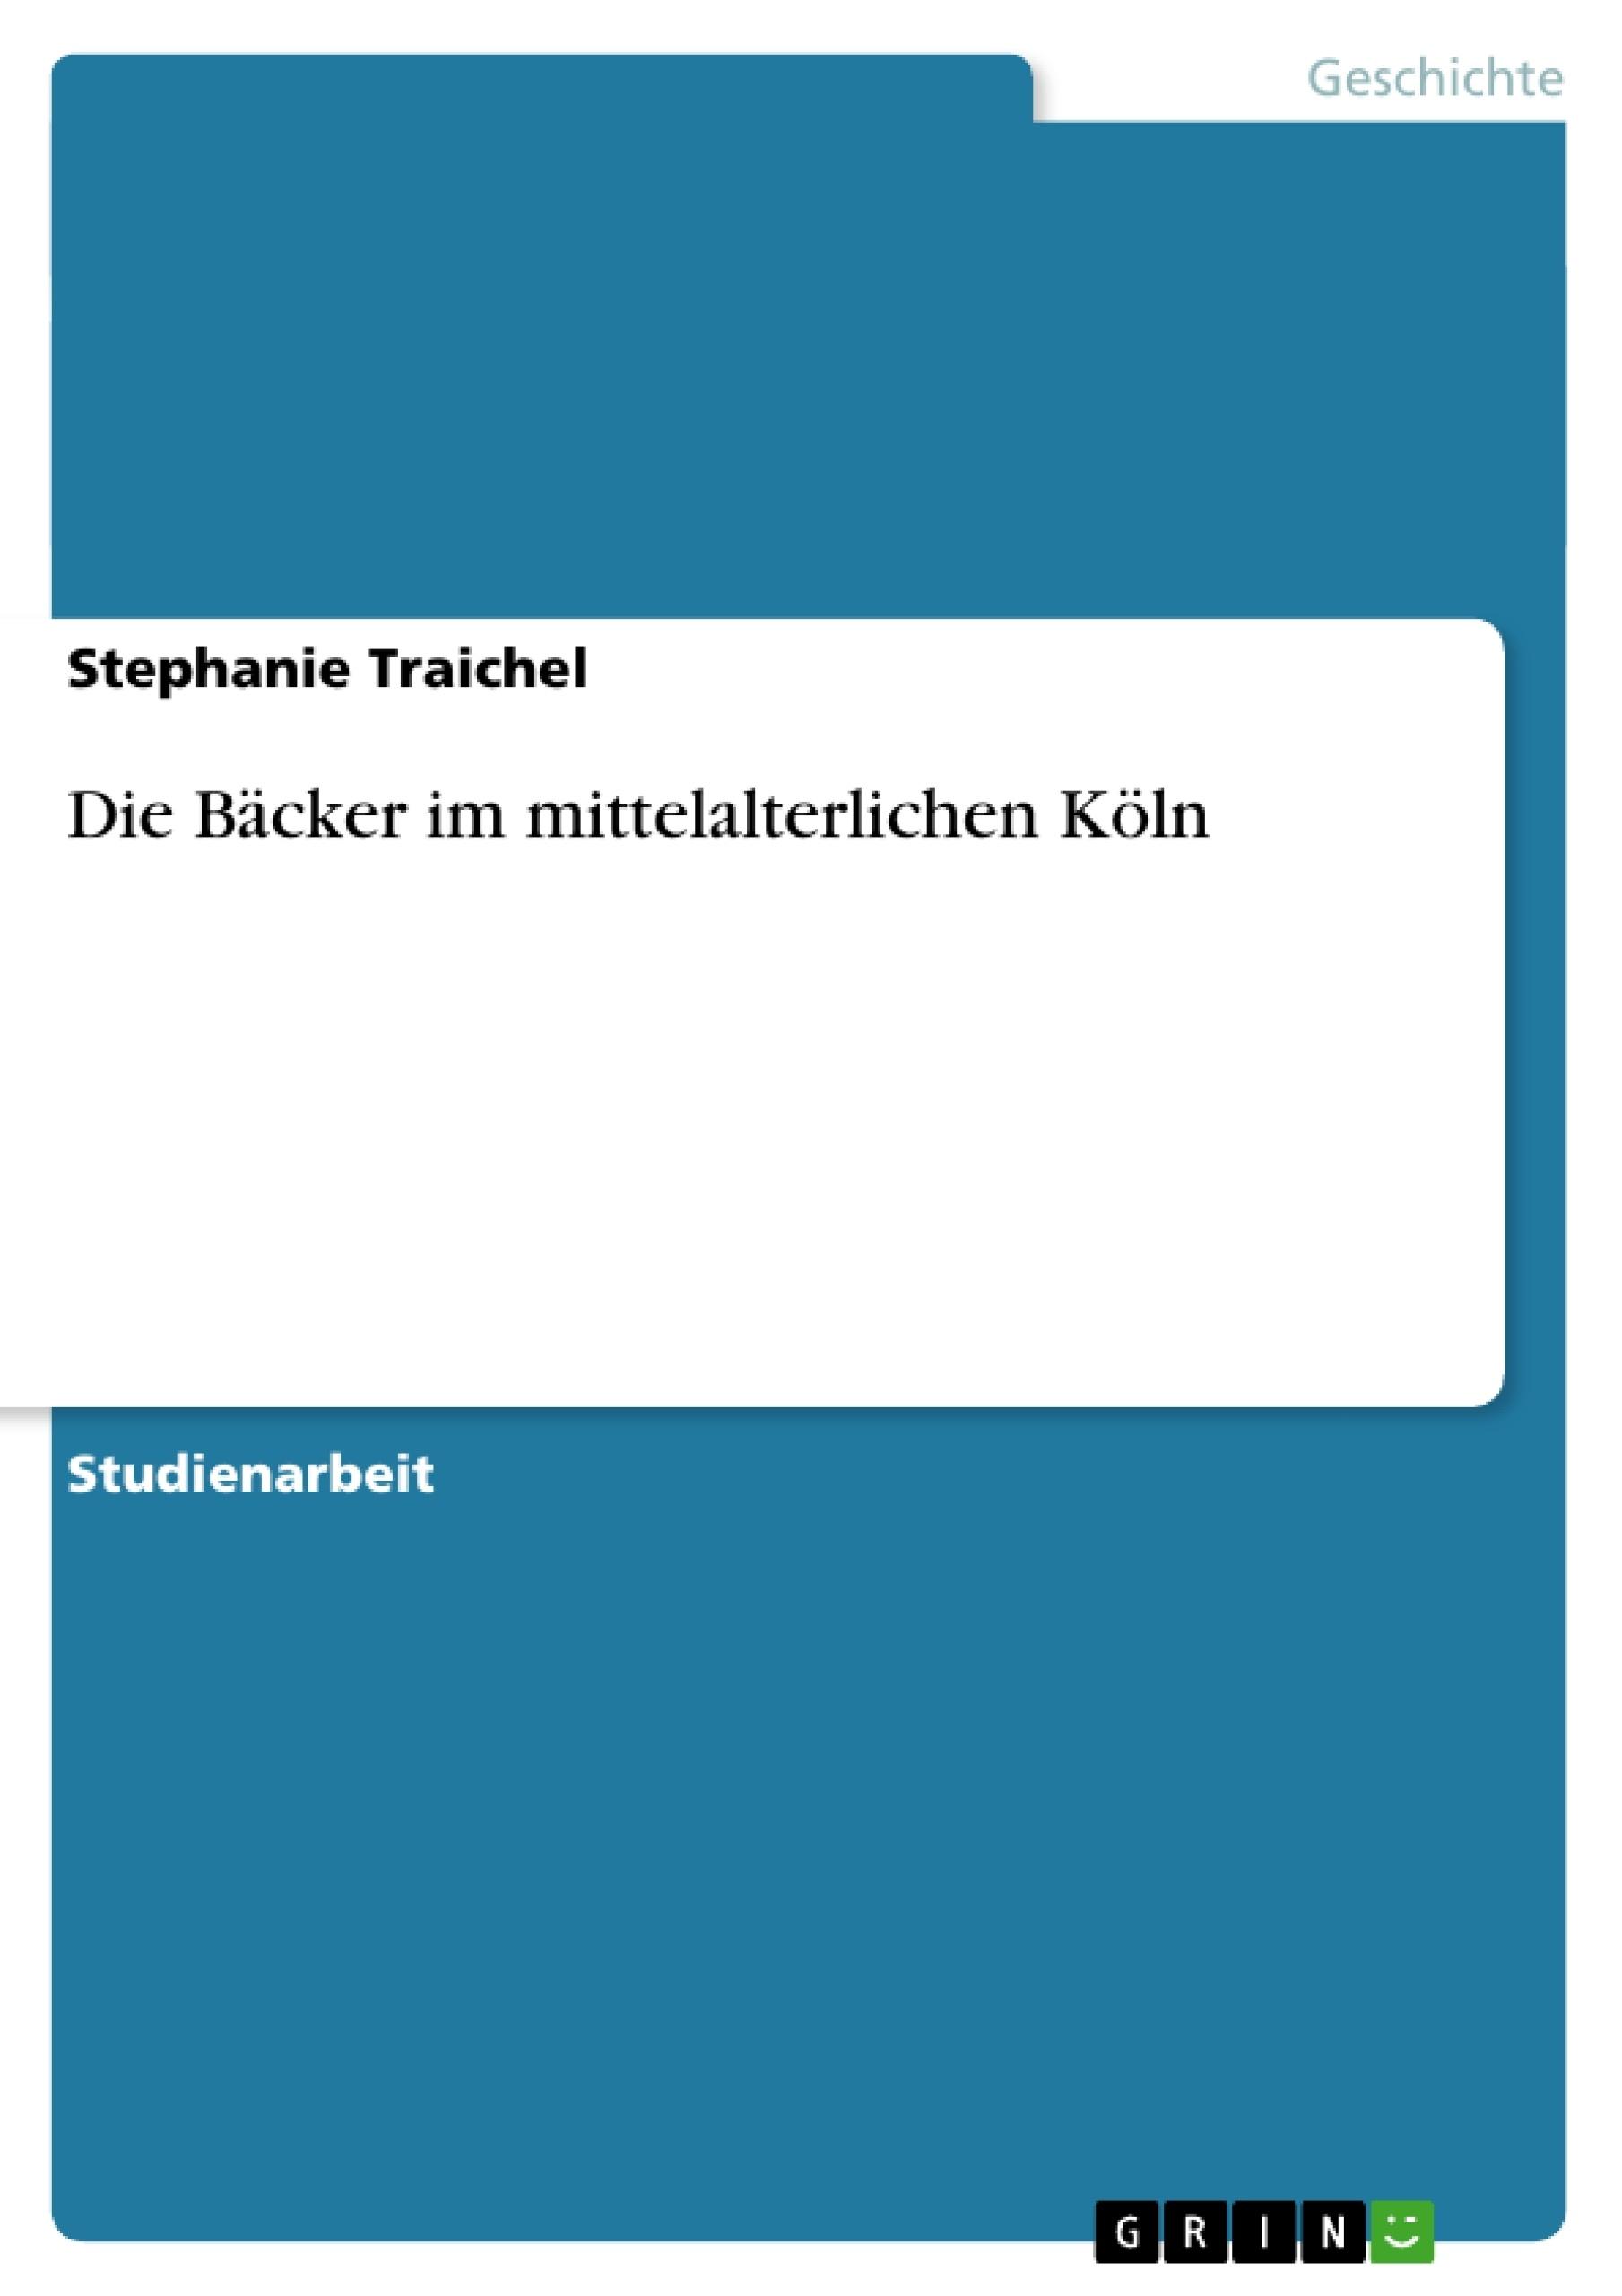 Titel: Die Bäcker im mittelalterlichen Köln